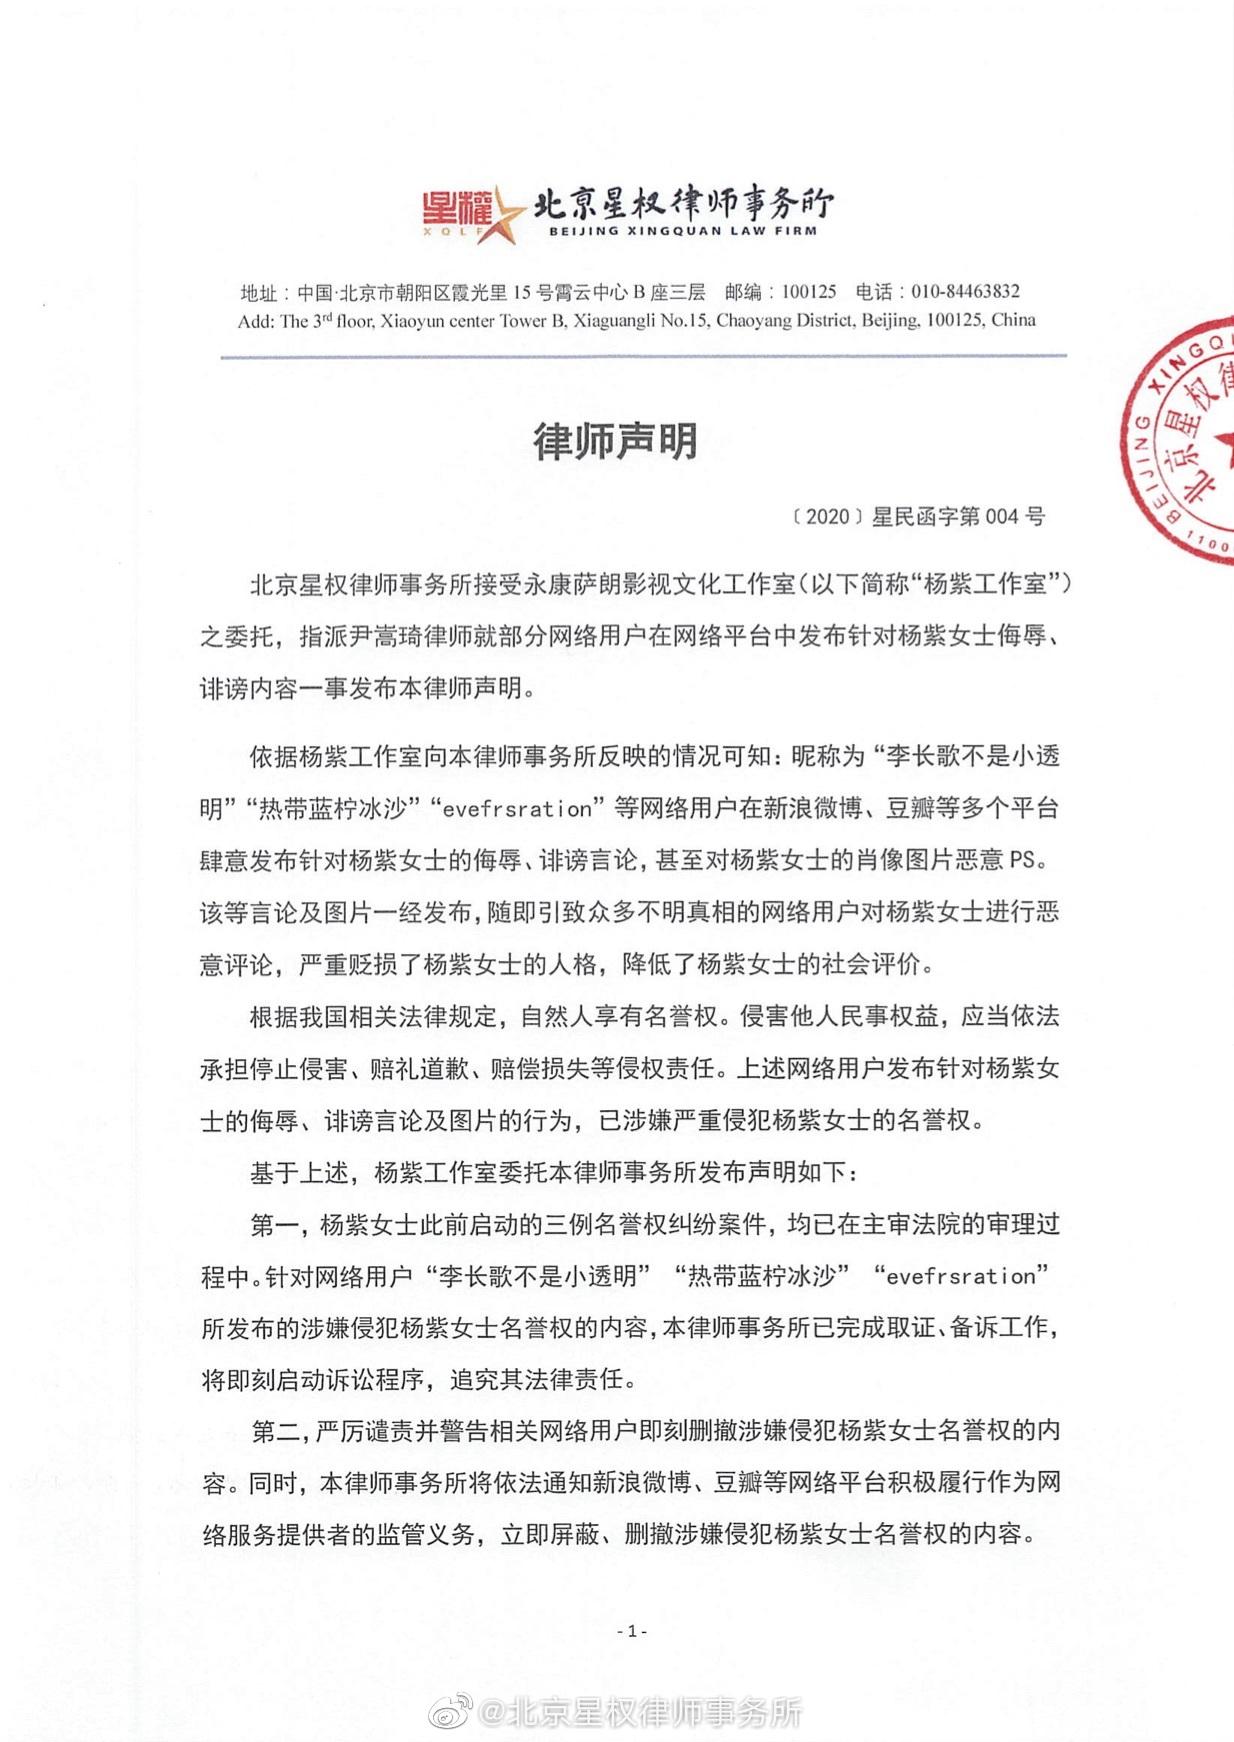 杨紫工作室就网友侮辱言论、恶意PS图片行为发律师声明图片